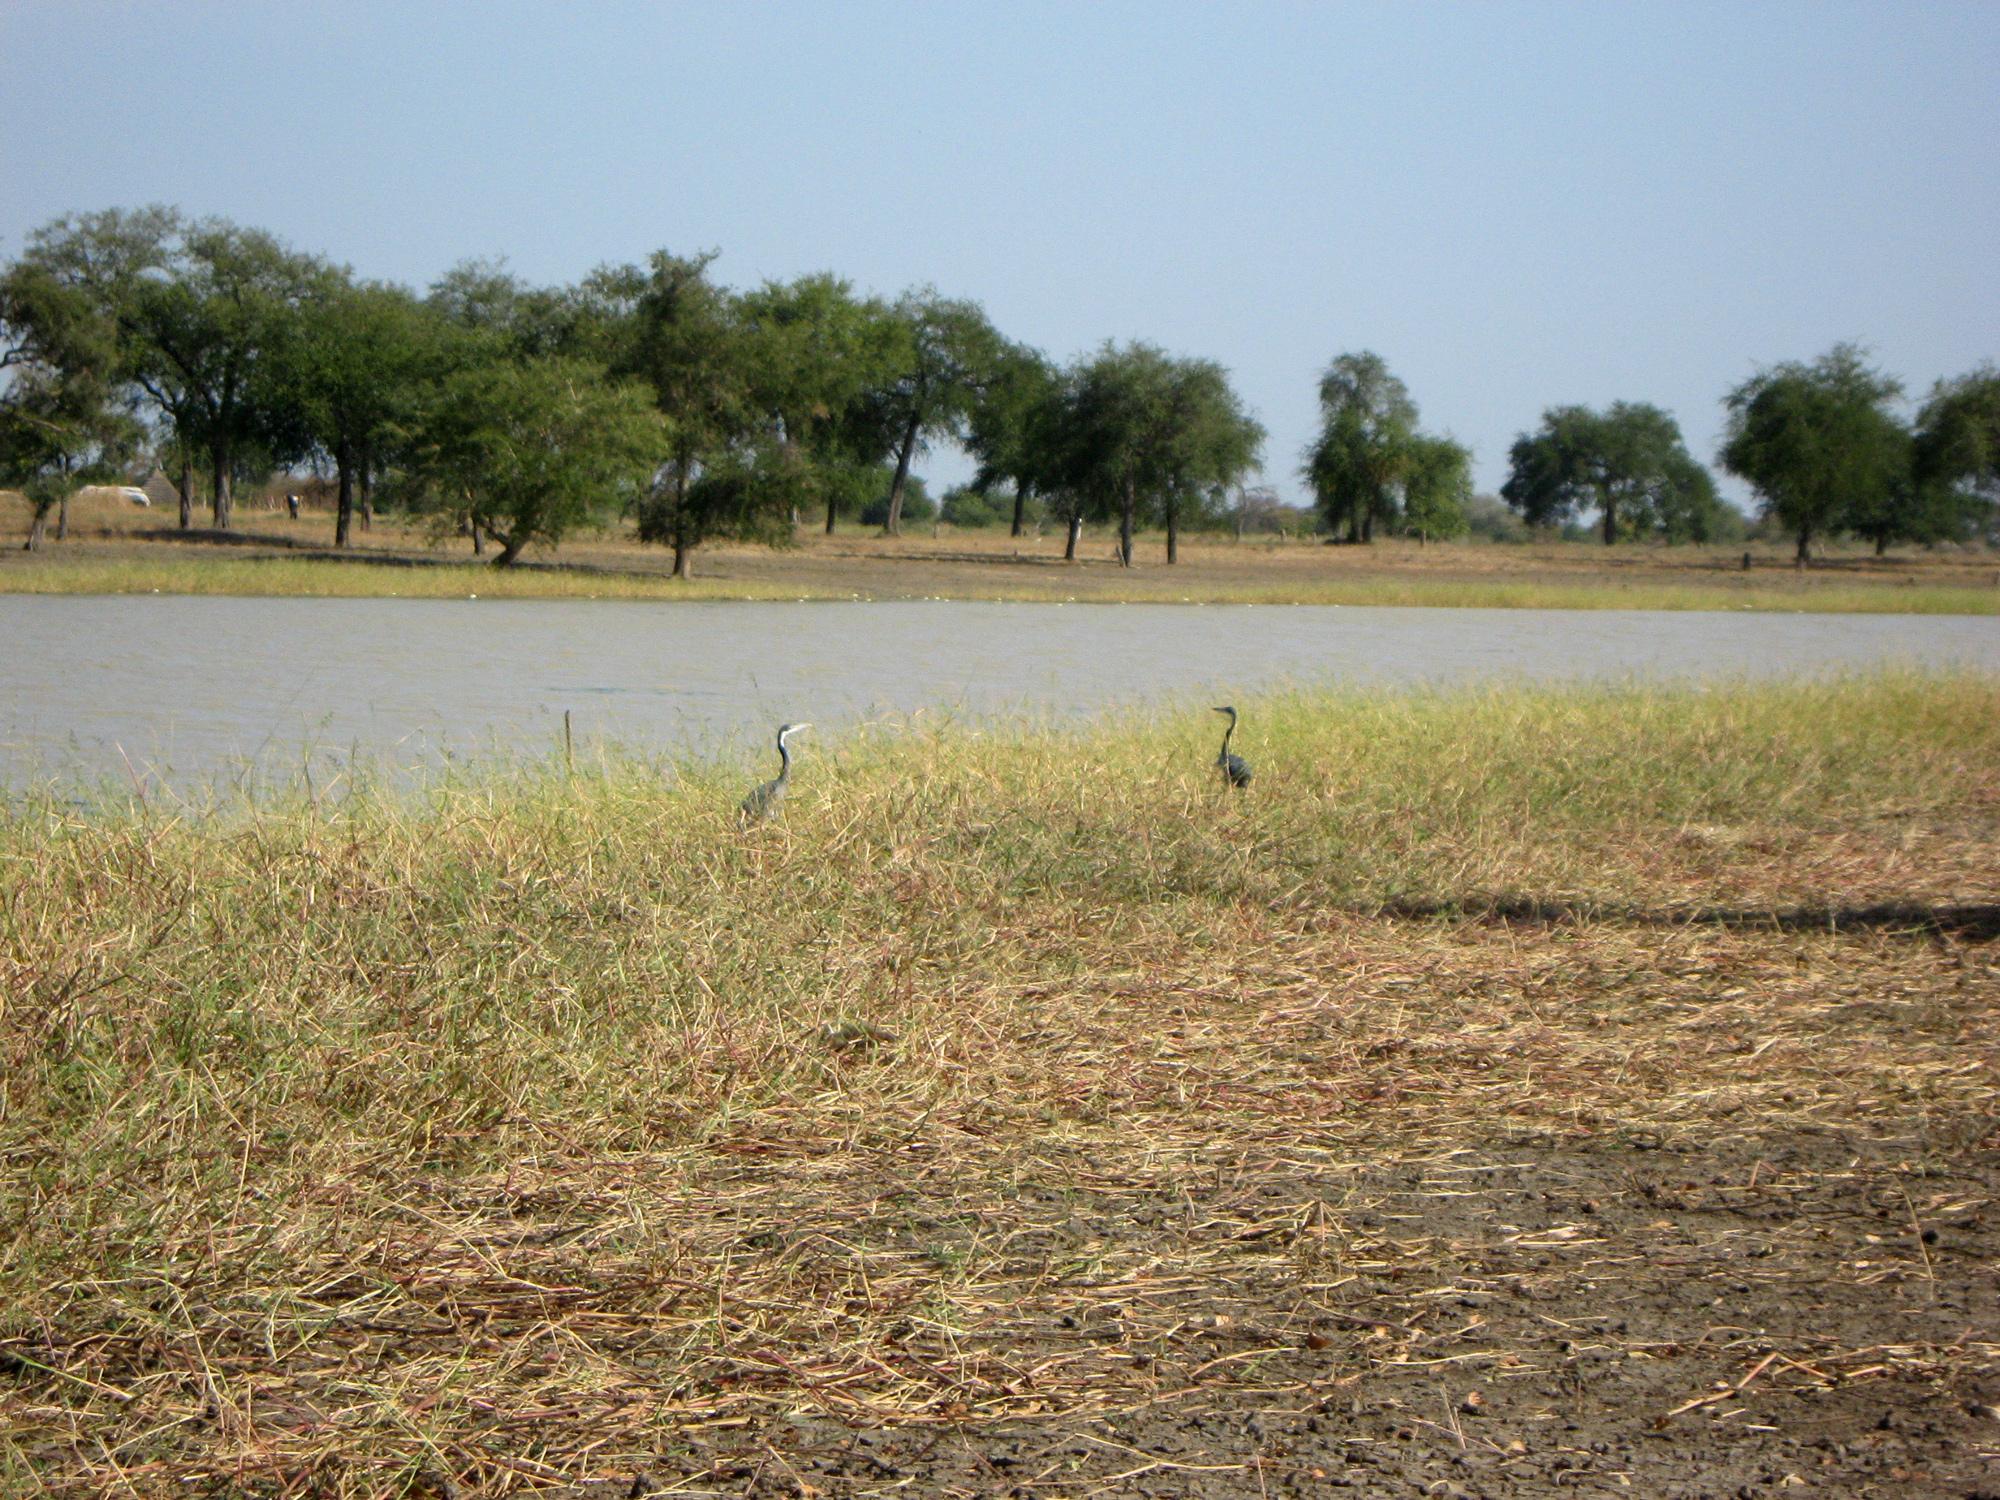 Păsări lângă un ochi de apă, înainte de anotimpul secetos.